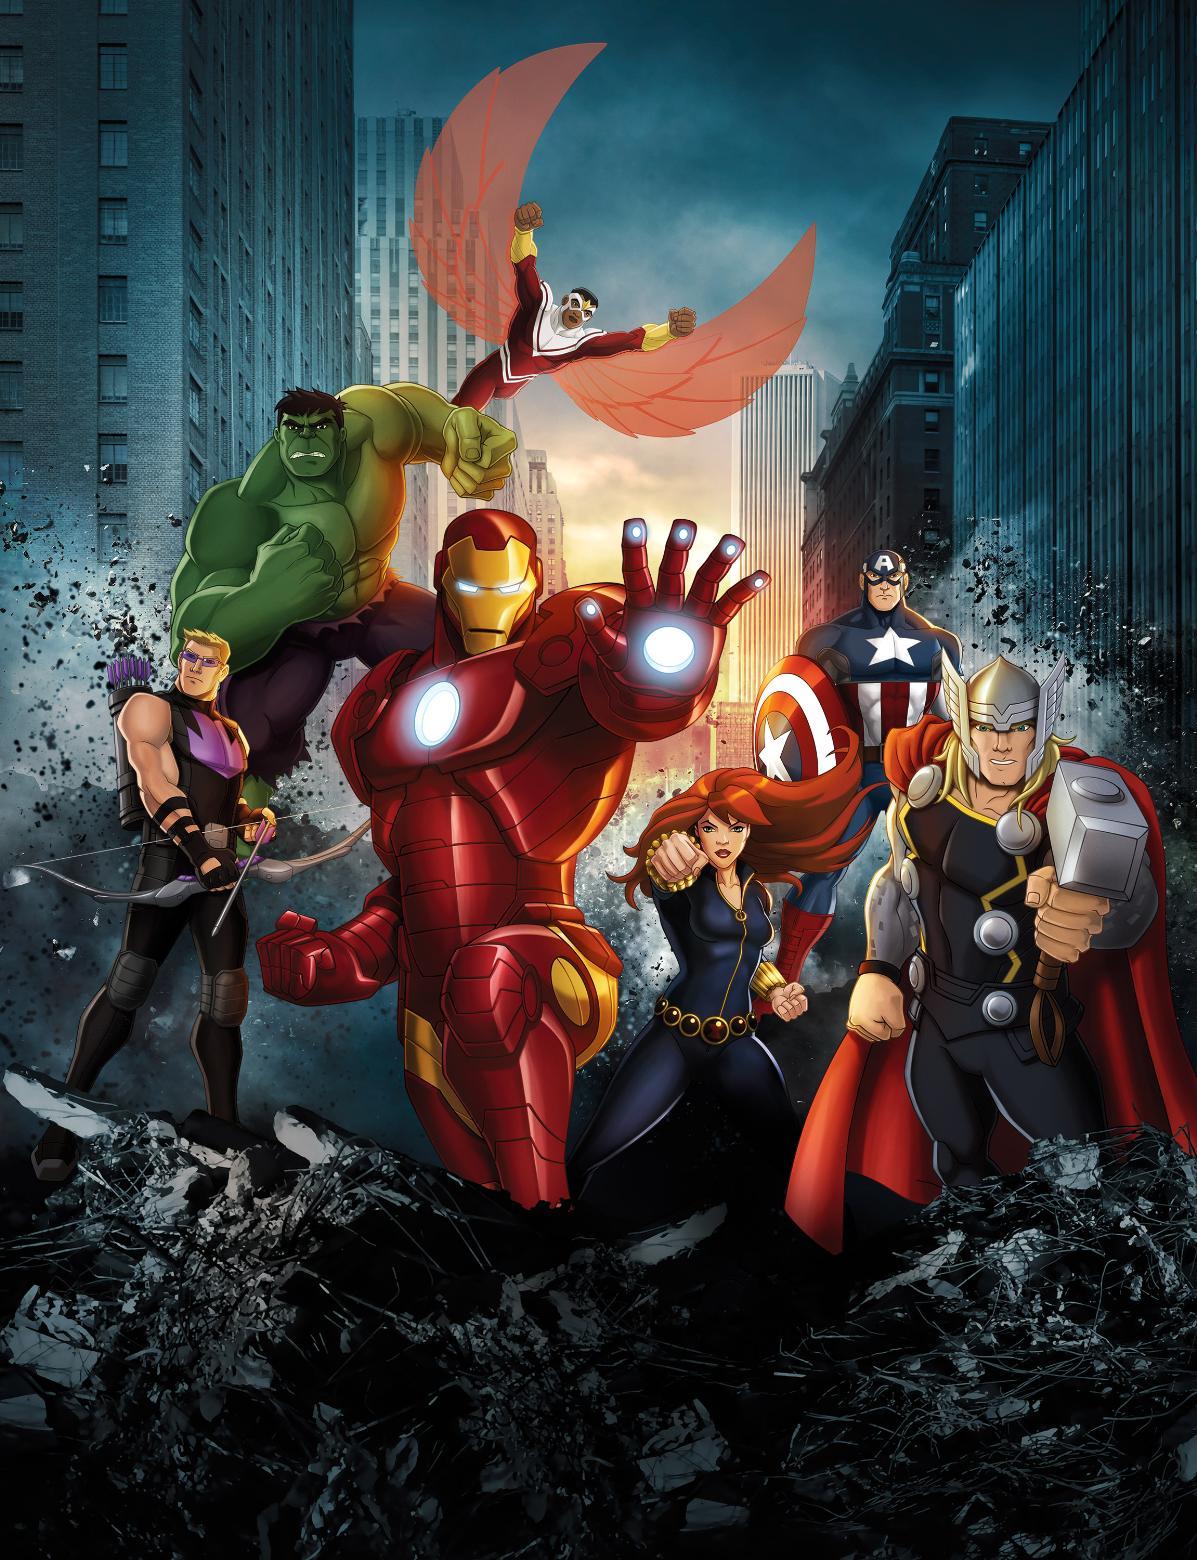 Avengers : Rassemblement, bon prolongement de l'univers Marvel ?